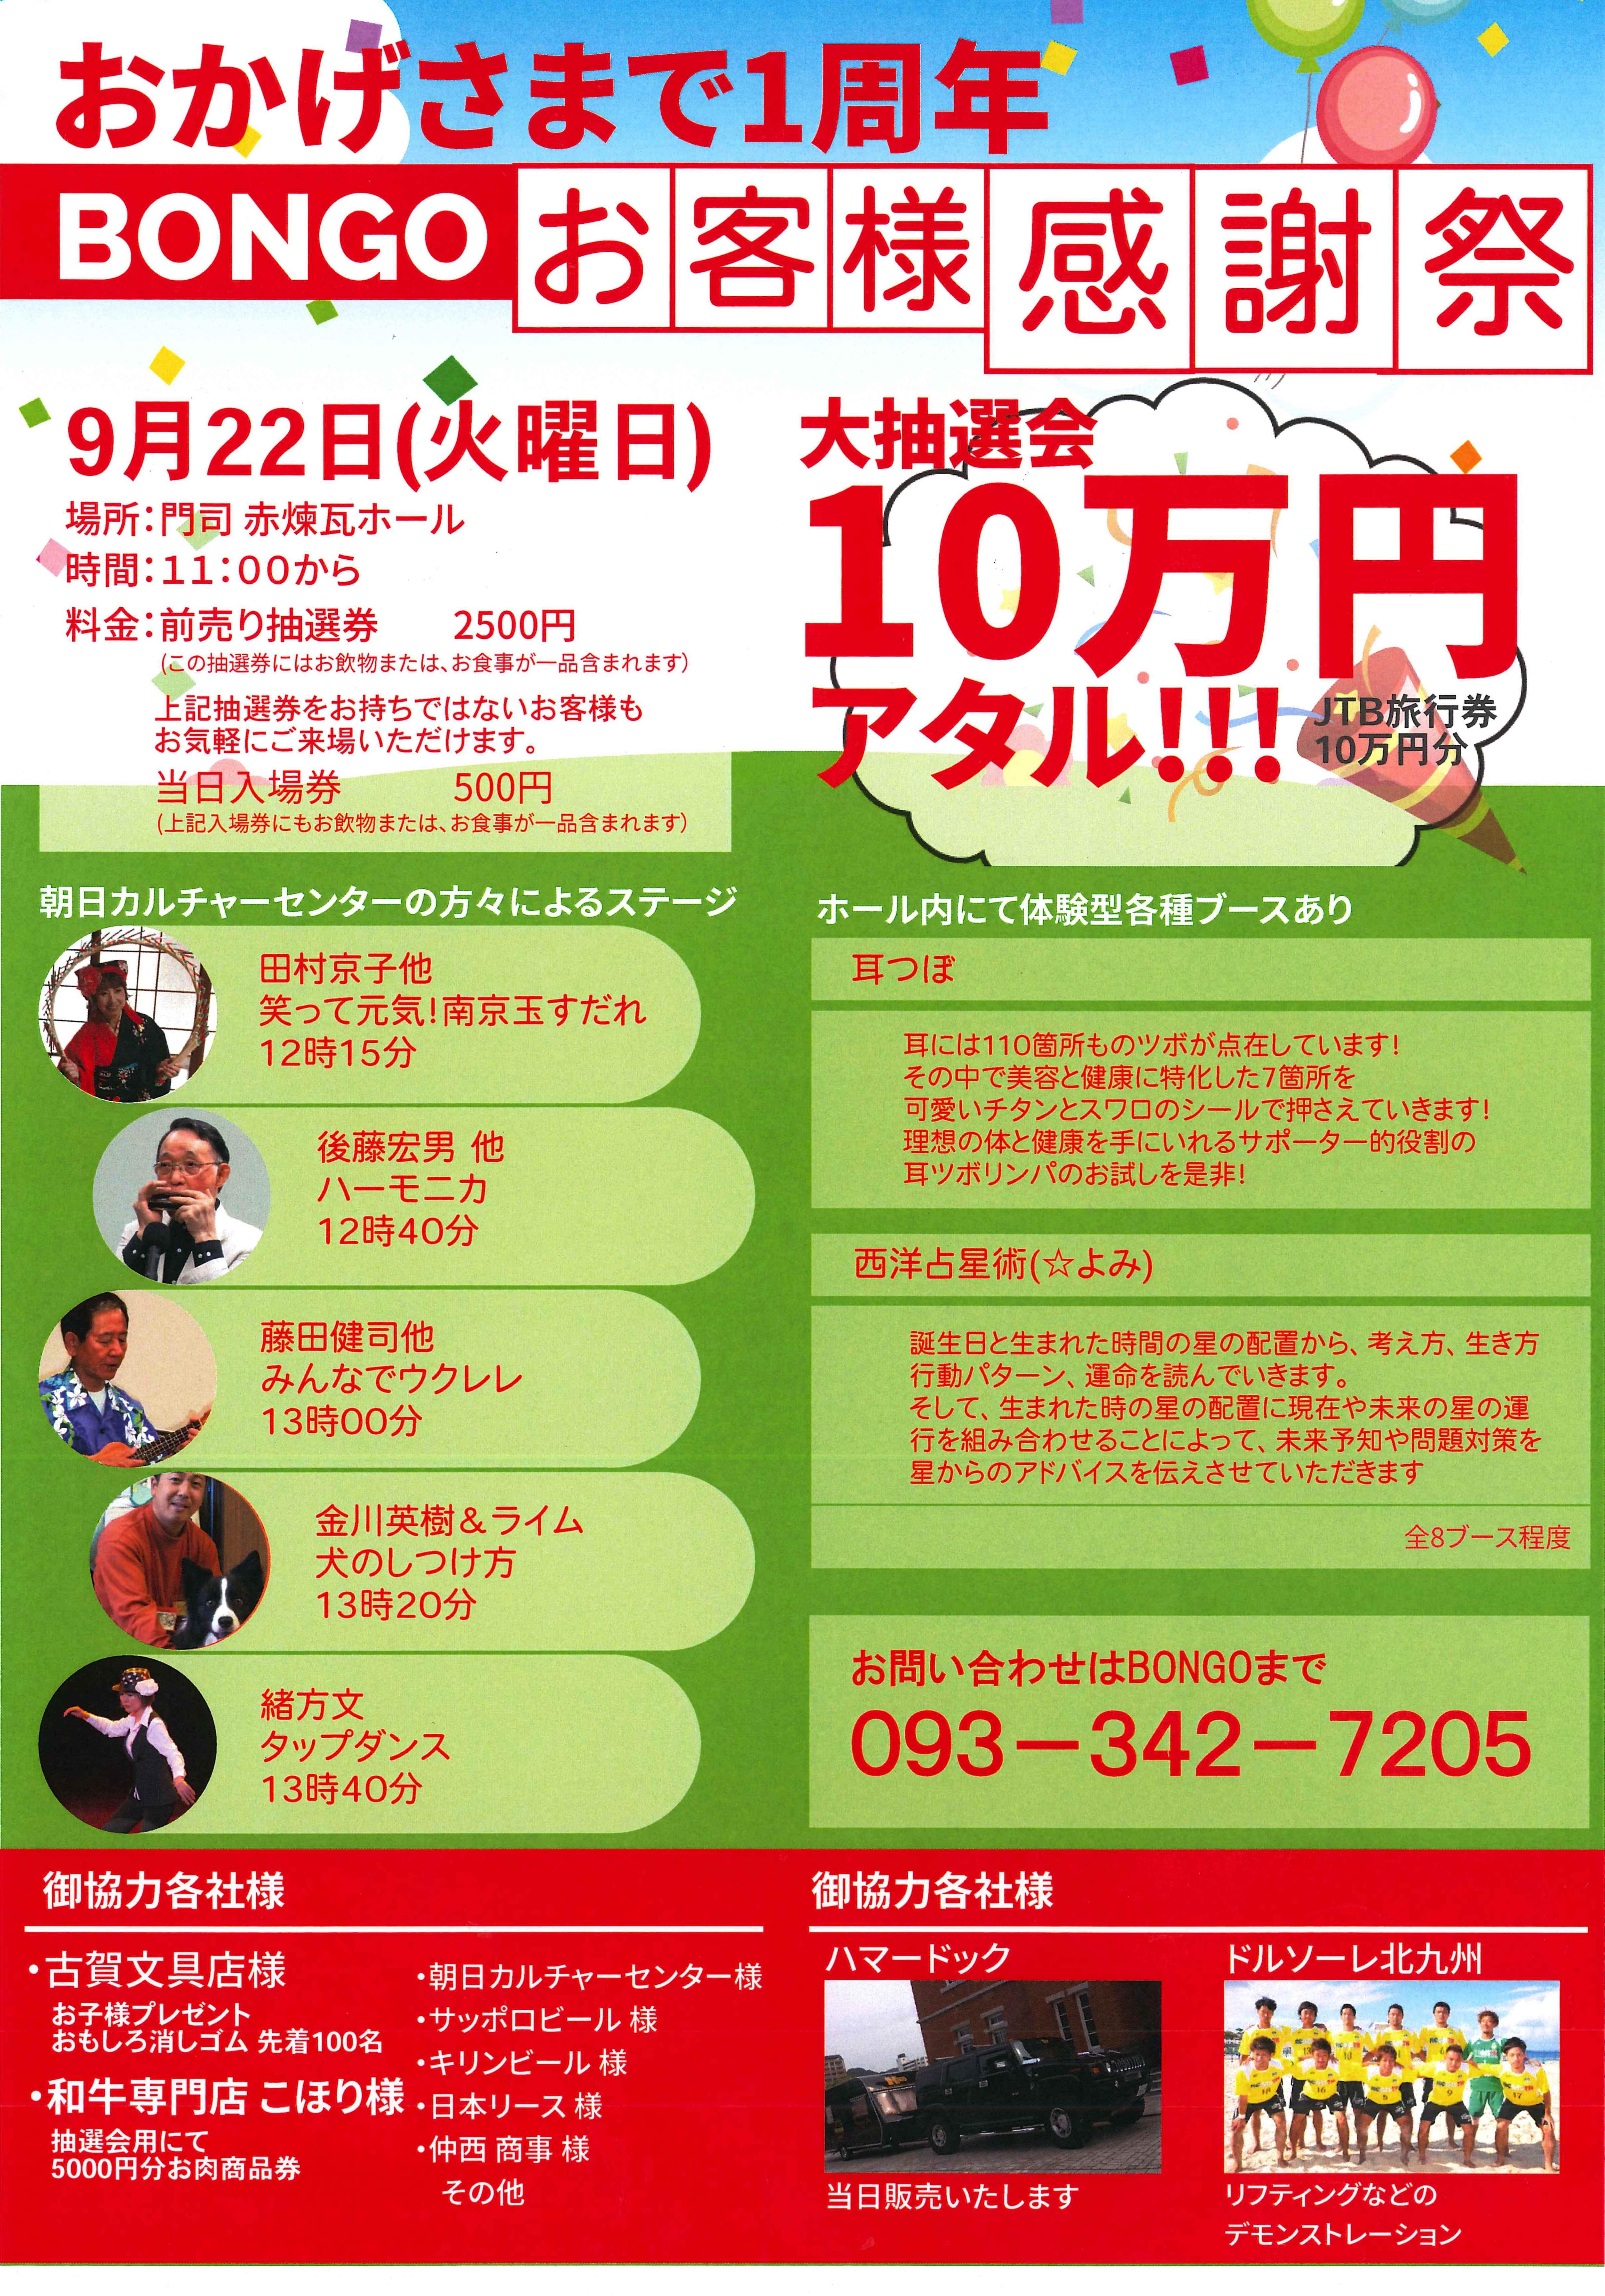 9月22日イベント